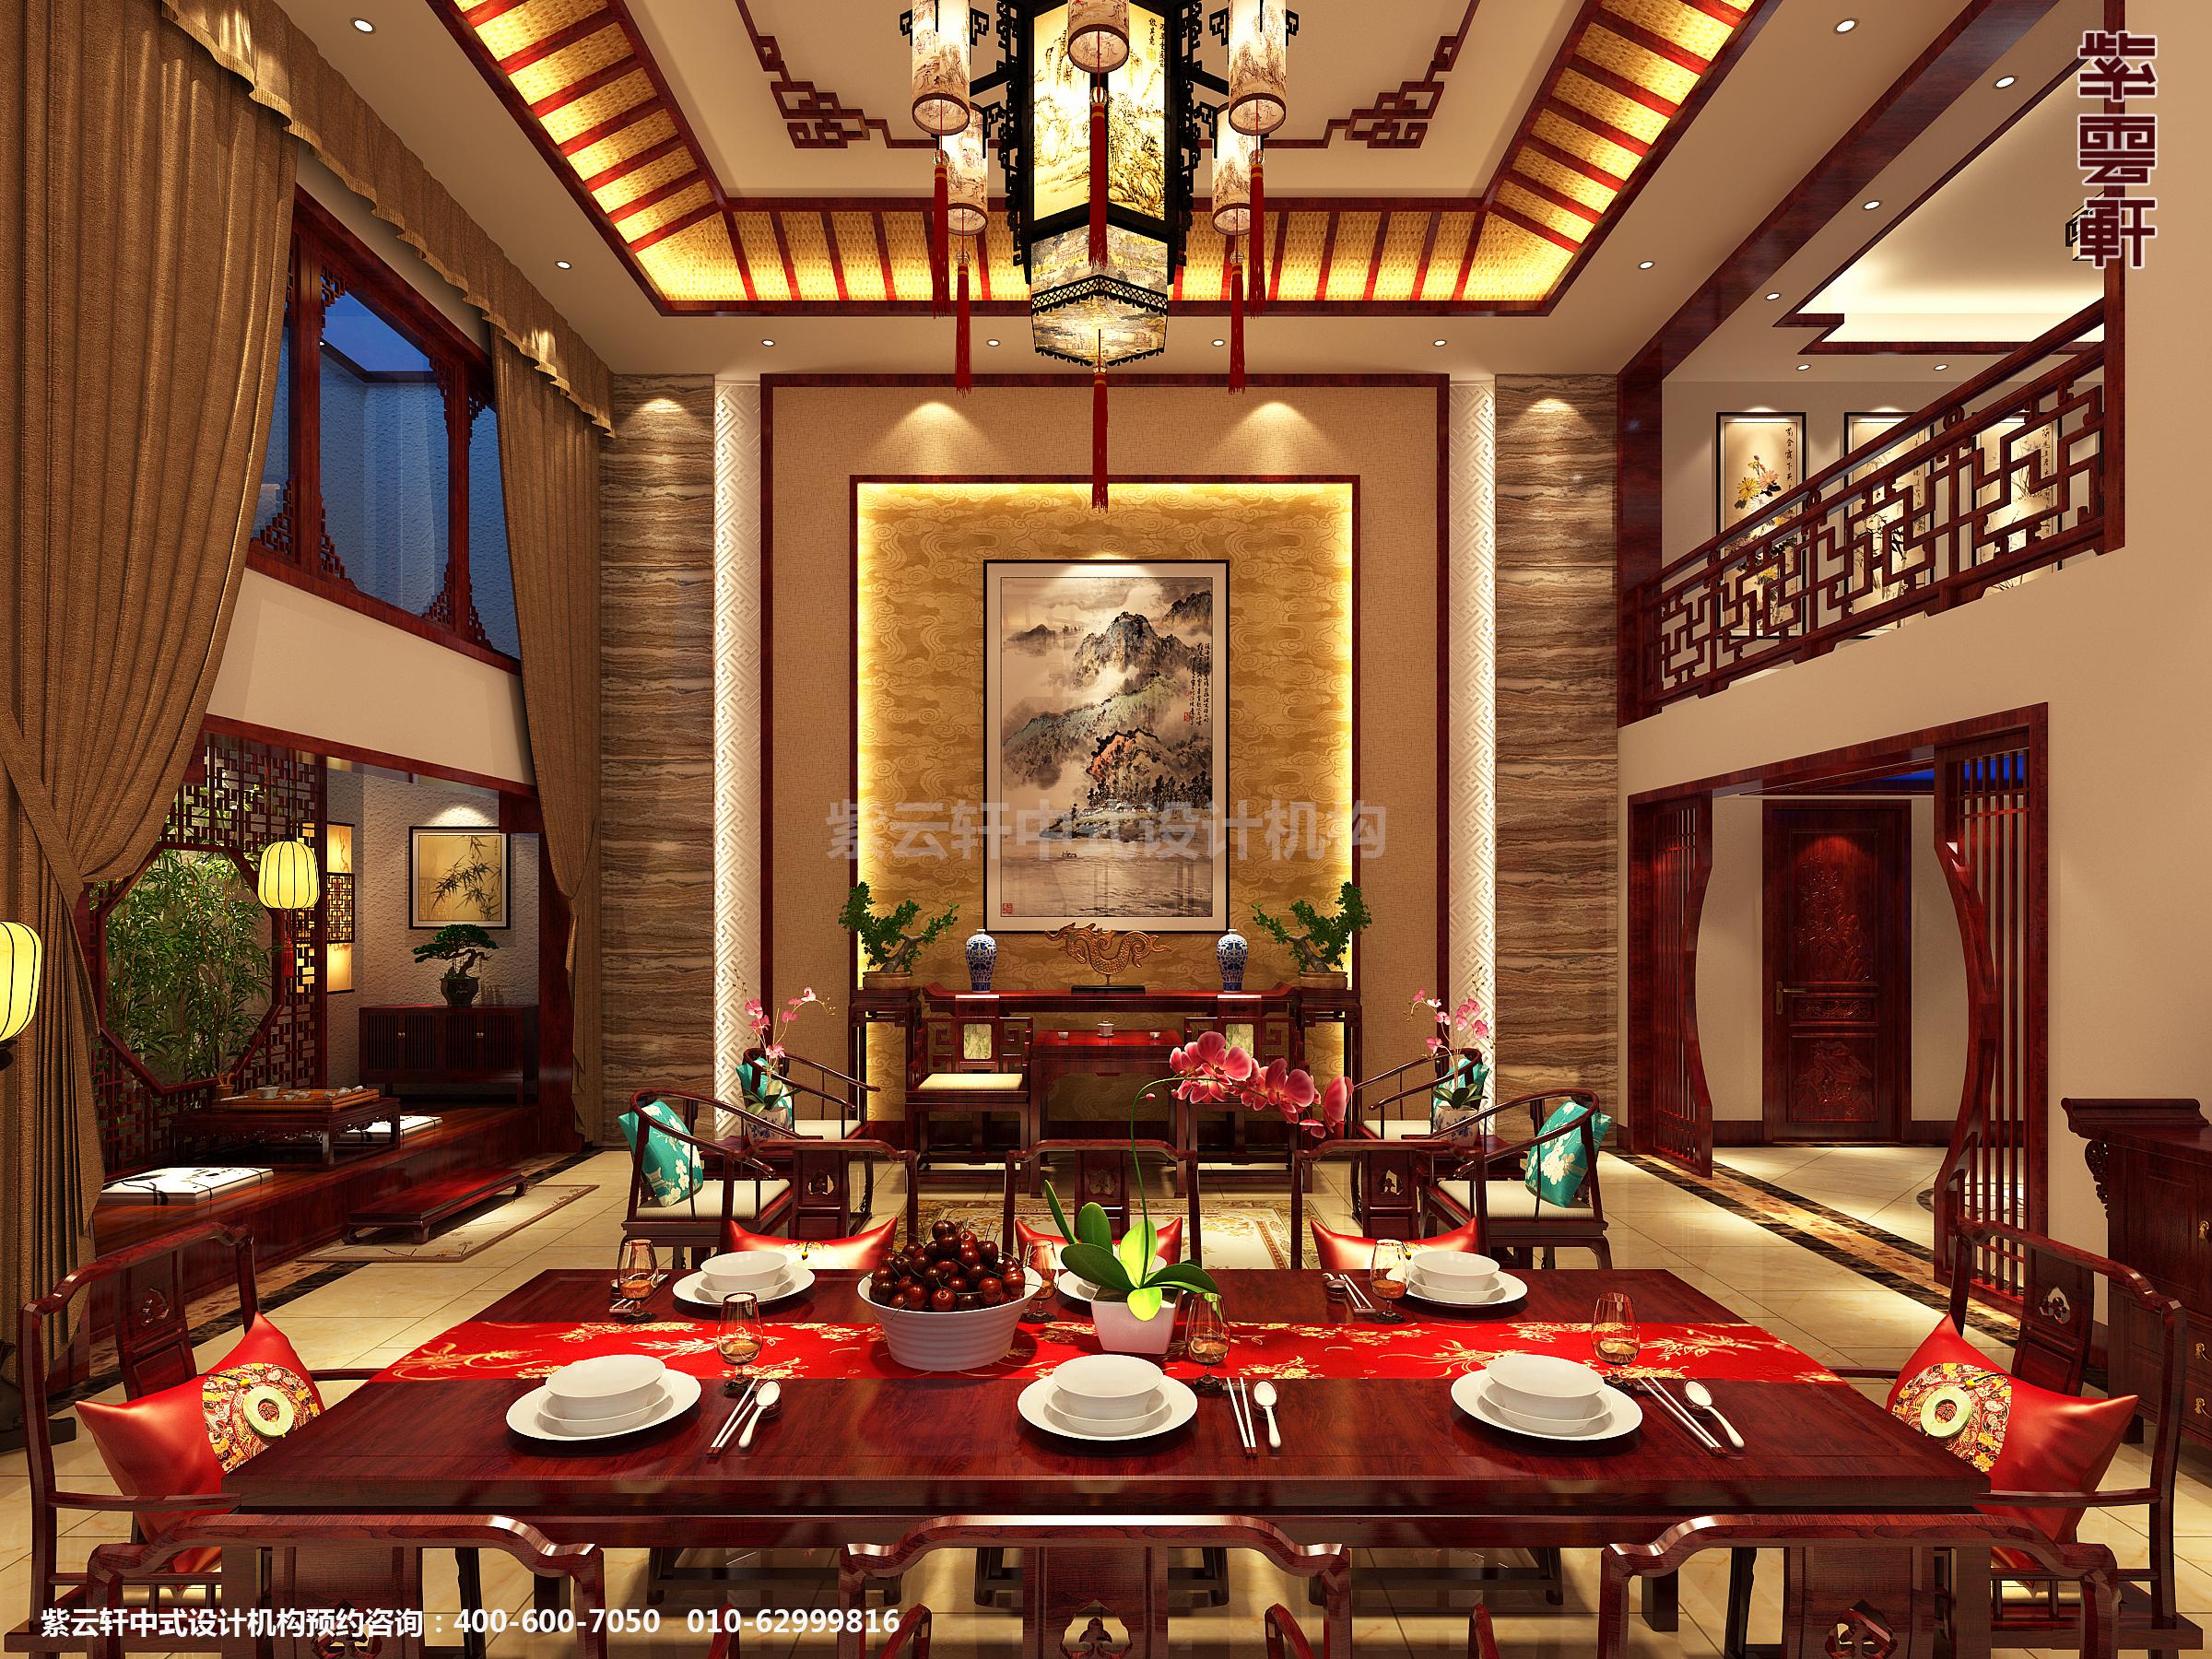 山东济南腊山别墅古典中式设计案例,餐厅中式装修效果